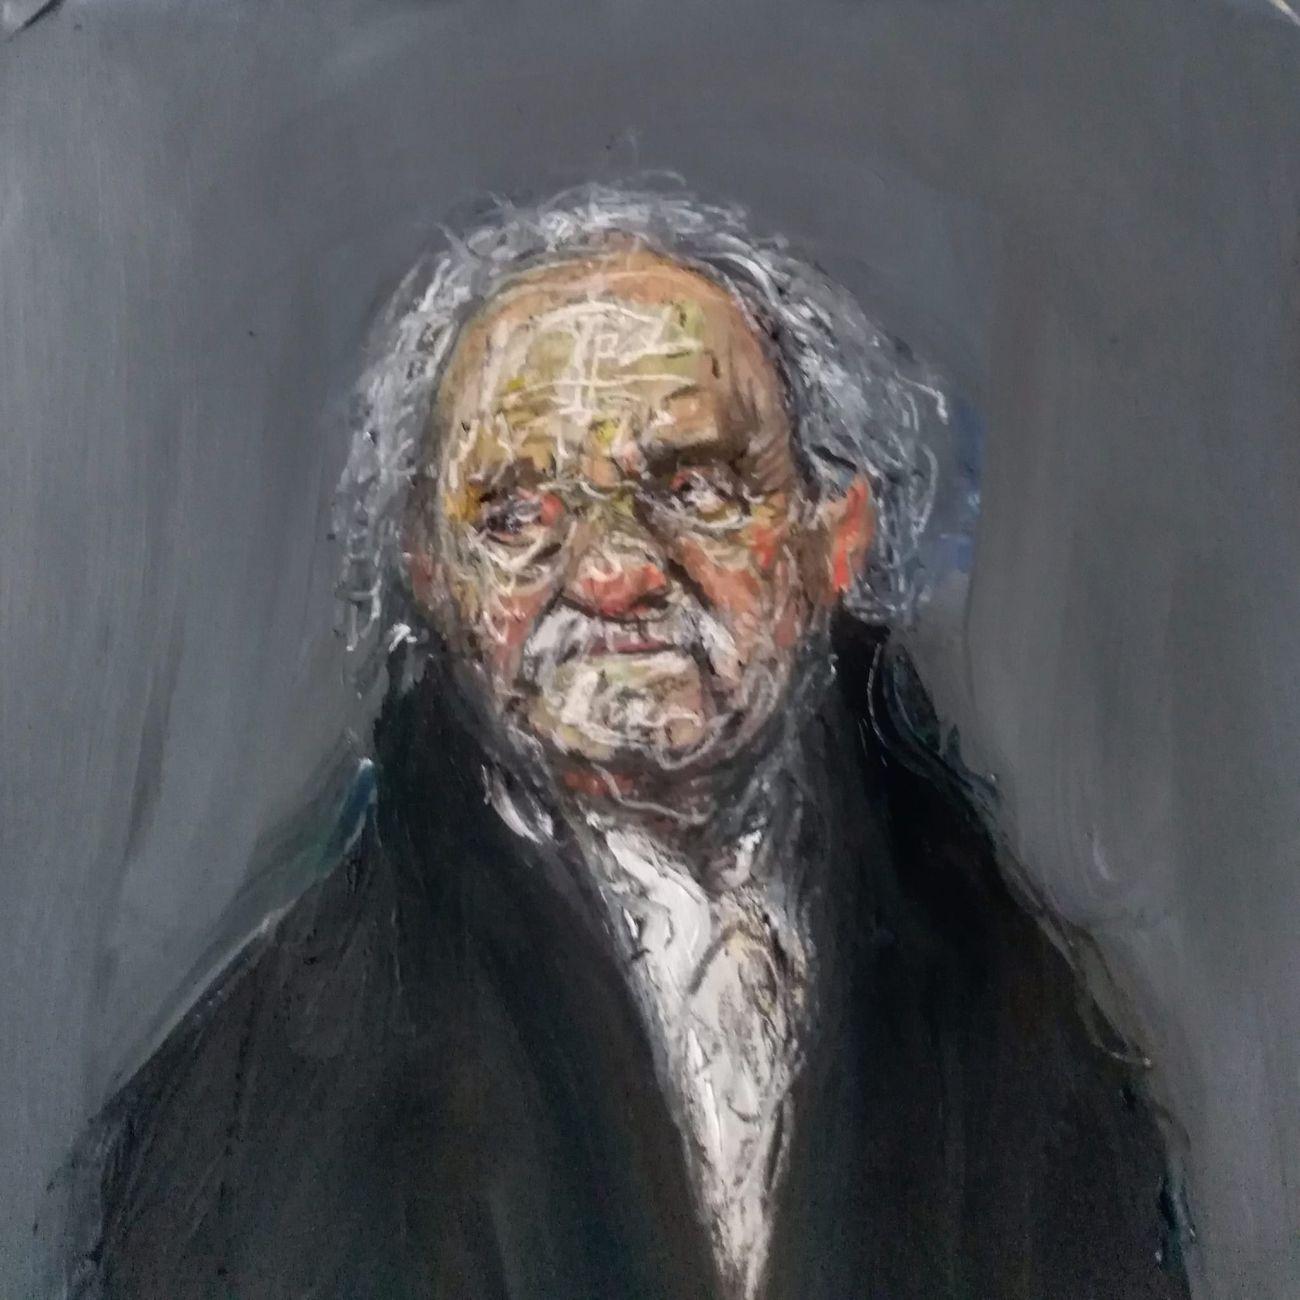 Francesco Lauretta, Jannis Kounellis